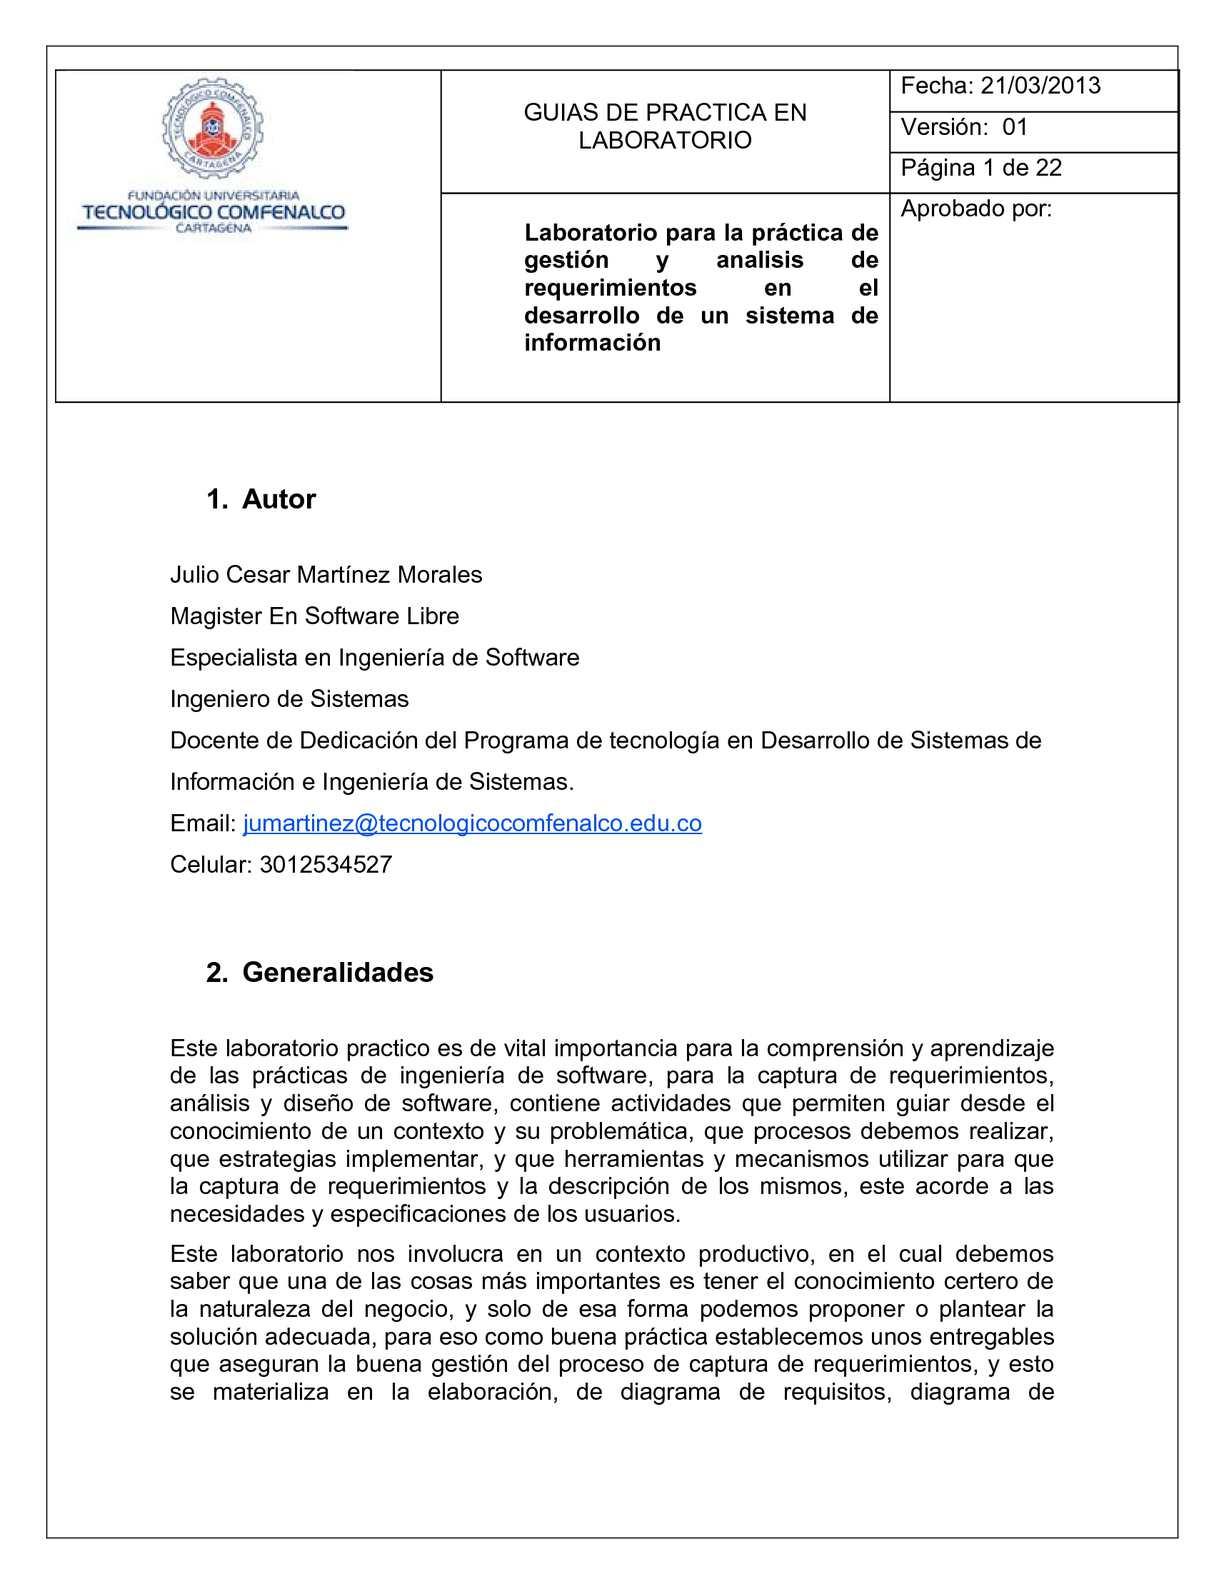 Calaméo - Guia de laboratorio de Analisis y Diseño de Software